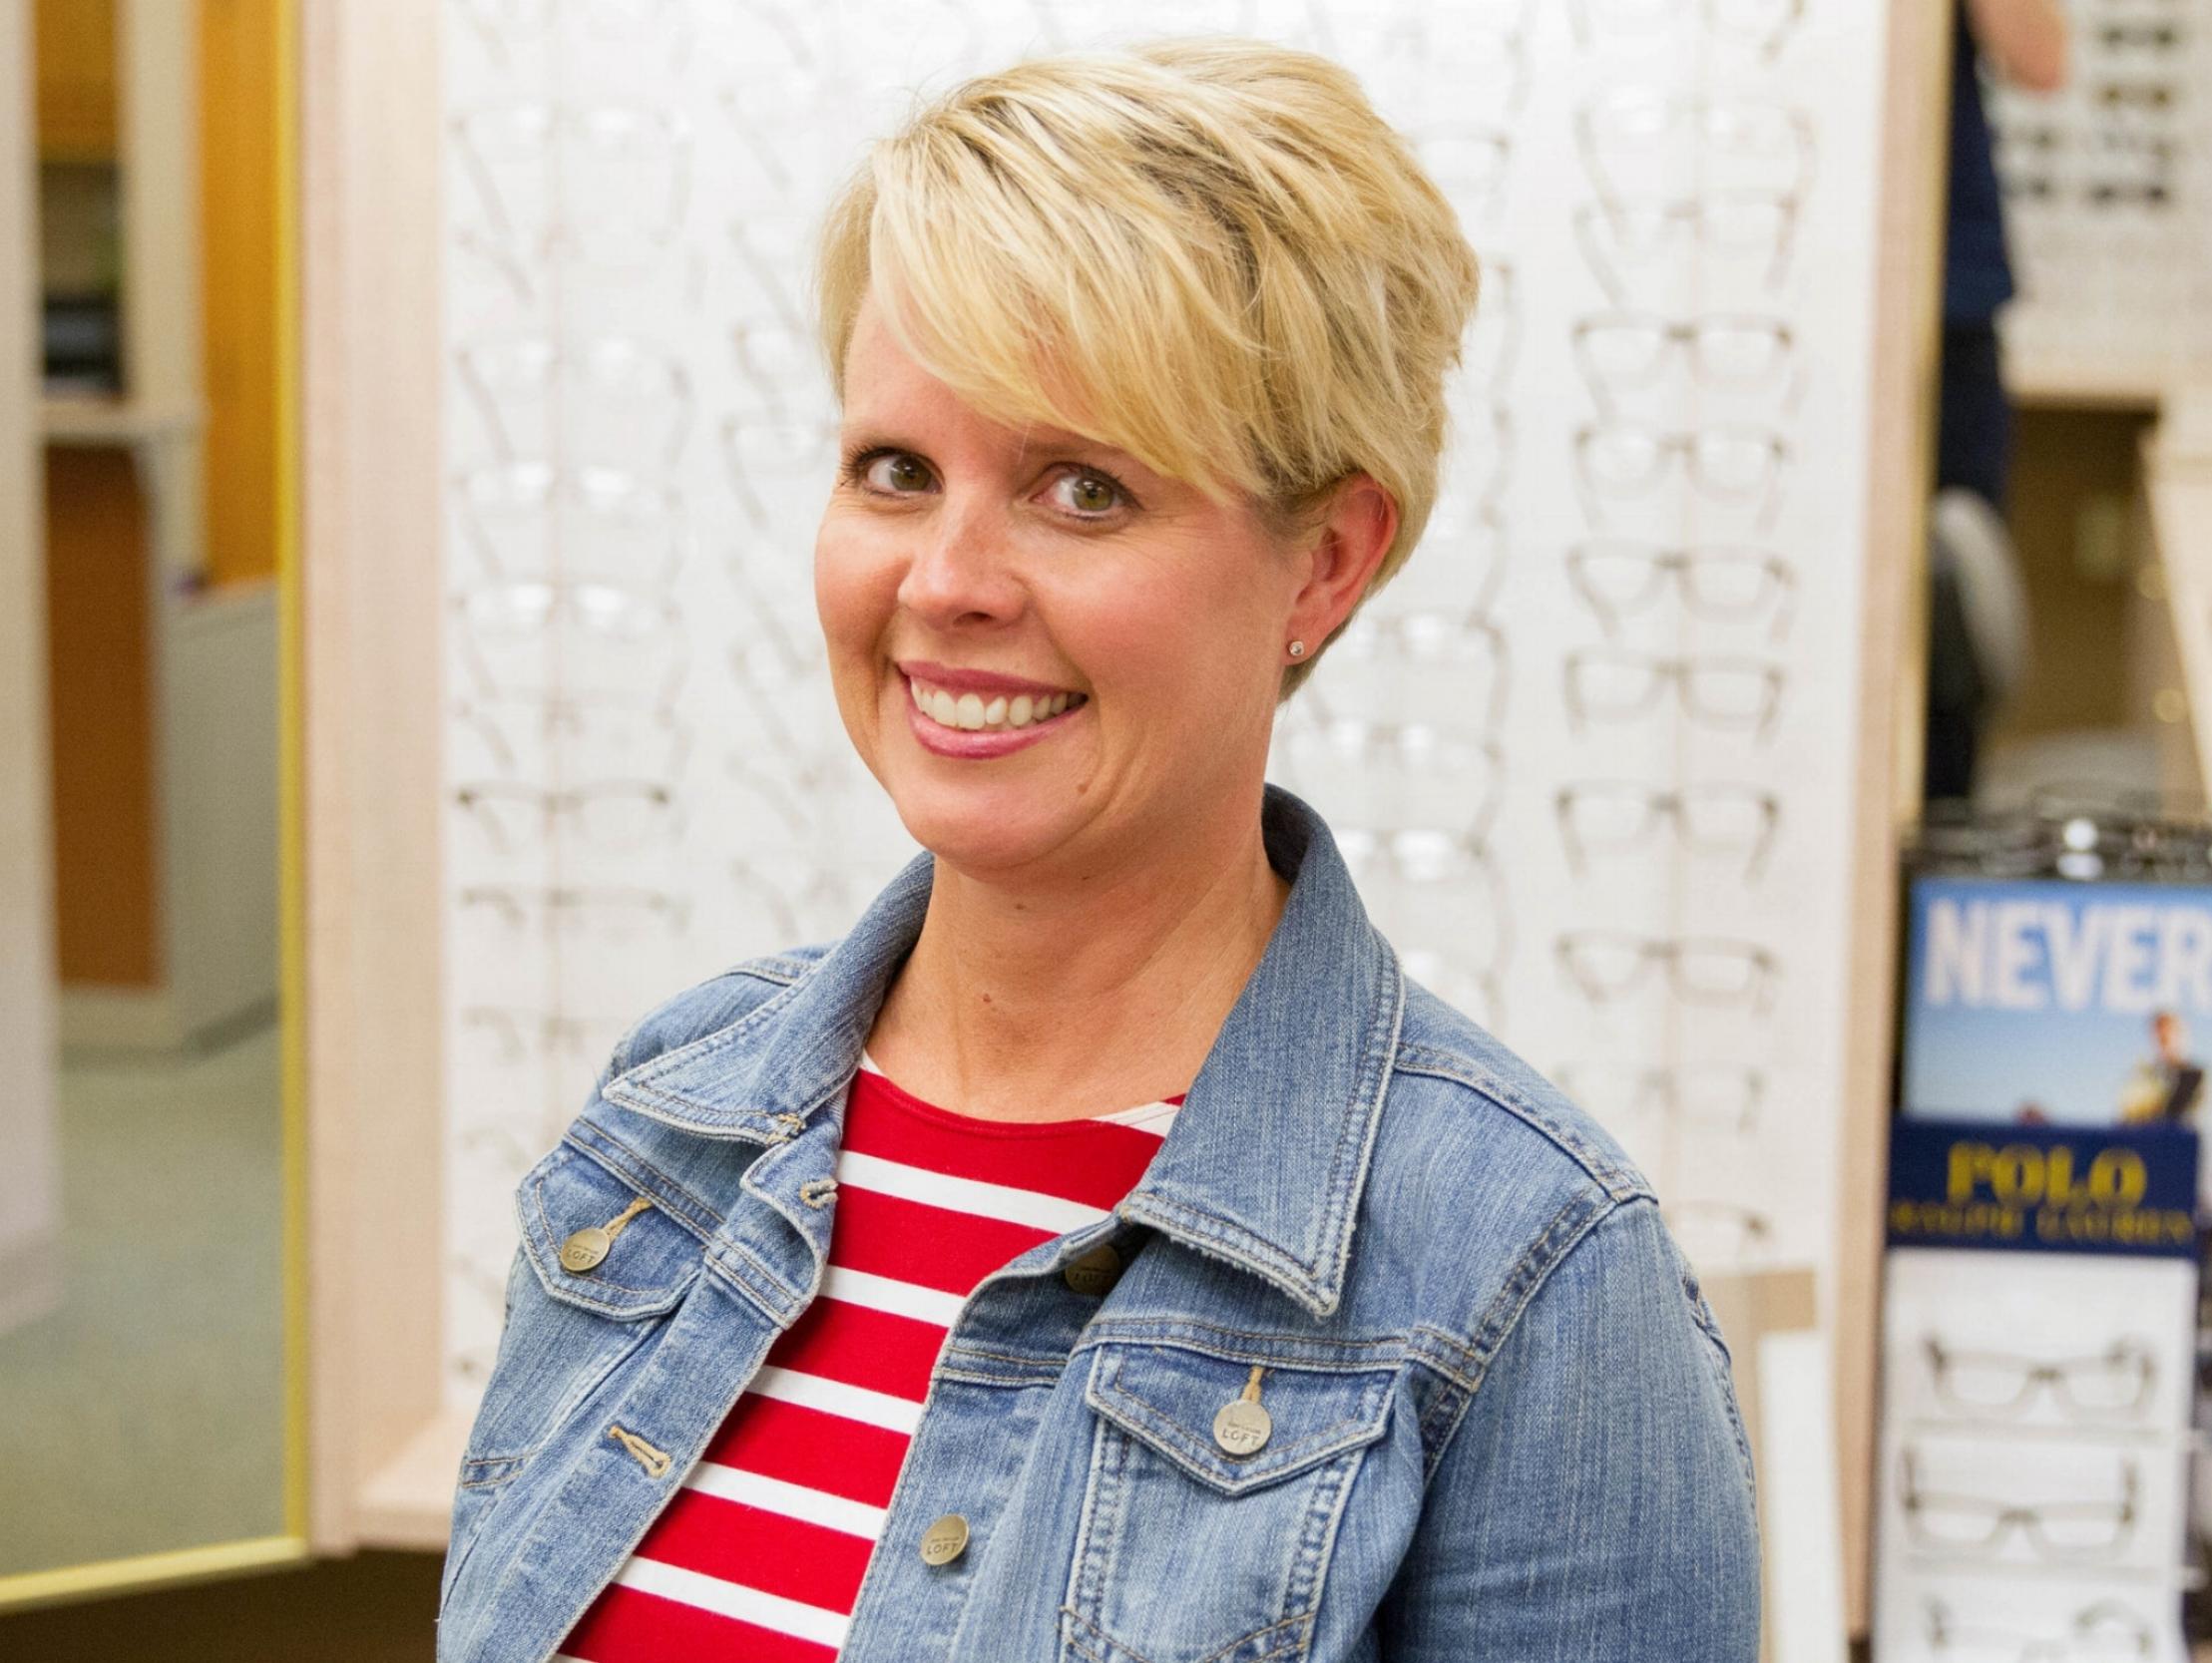 Dr. Allison Griffith